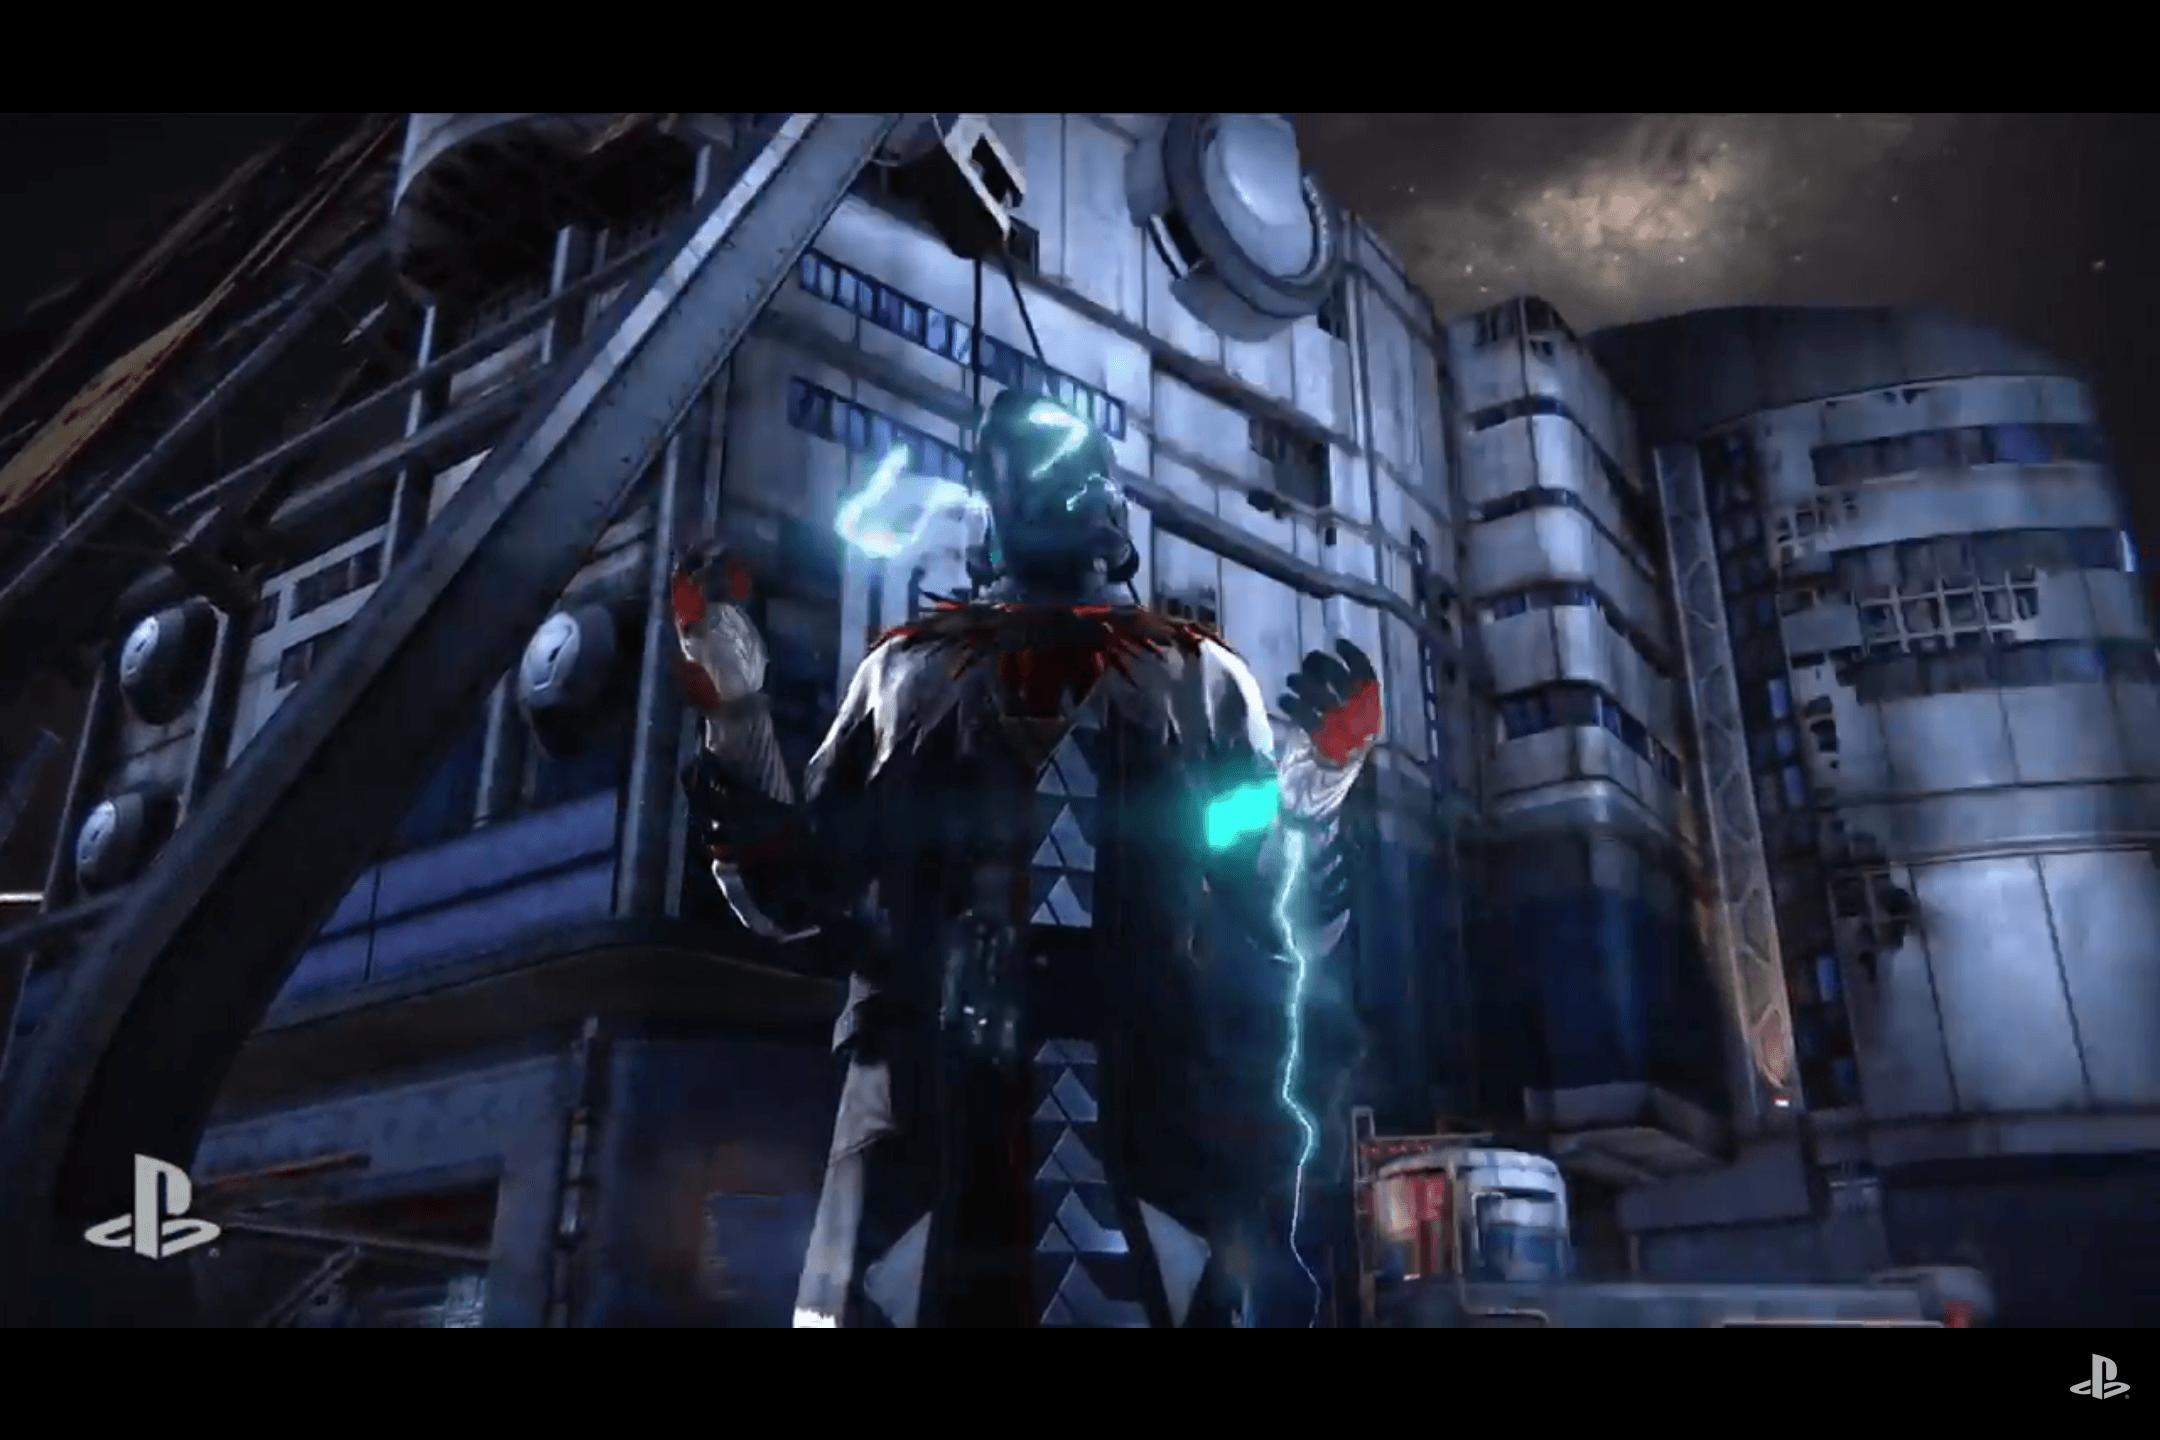 Destiny: Spieler tricksen den Red-Bull-Exklusiv-Code aus, generieren ihn selbst